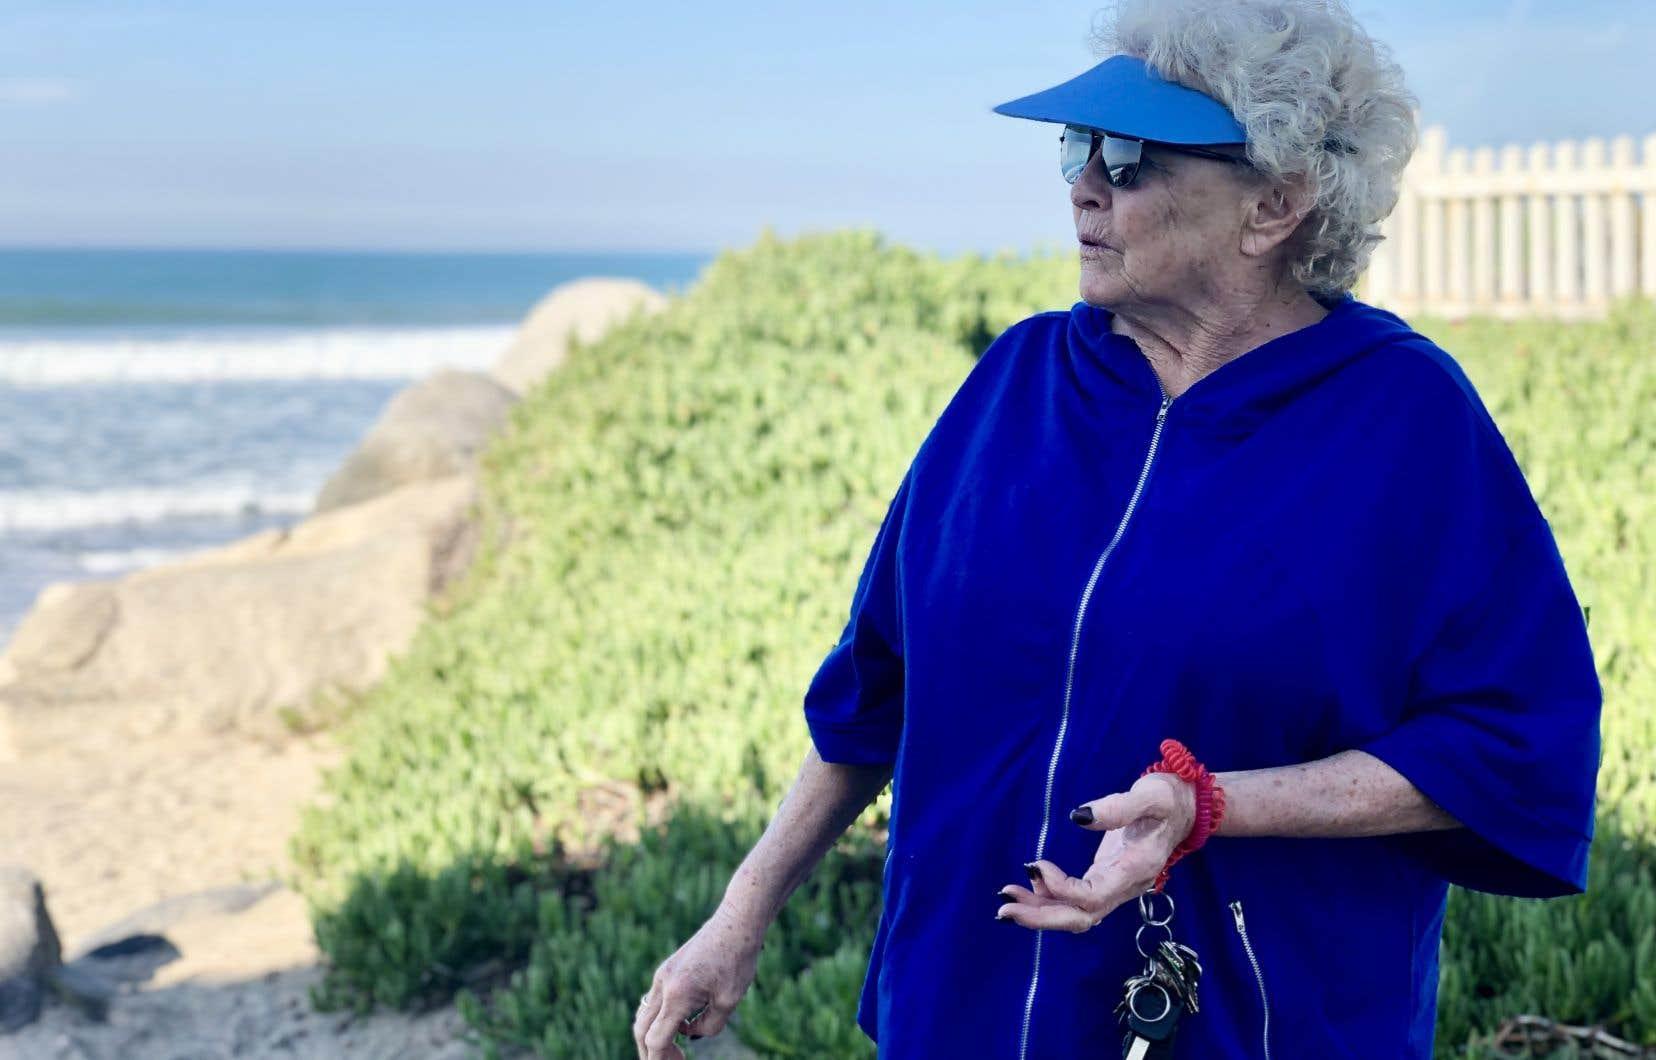 Karen a élu domicile à Imperial Beach à moins de 10 km à vol d'oiseau au nord de la frontière américano-mexicaine. Et bien que l'océan se trouve dans sa cour, elle n'y a pas mis les pieds depuis vingt ans.